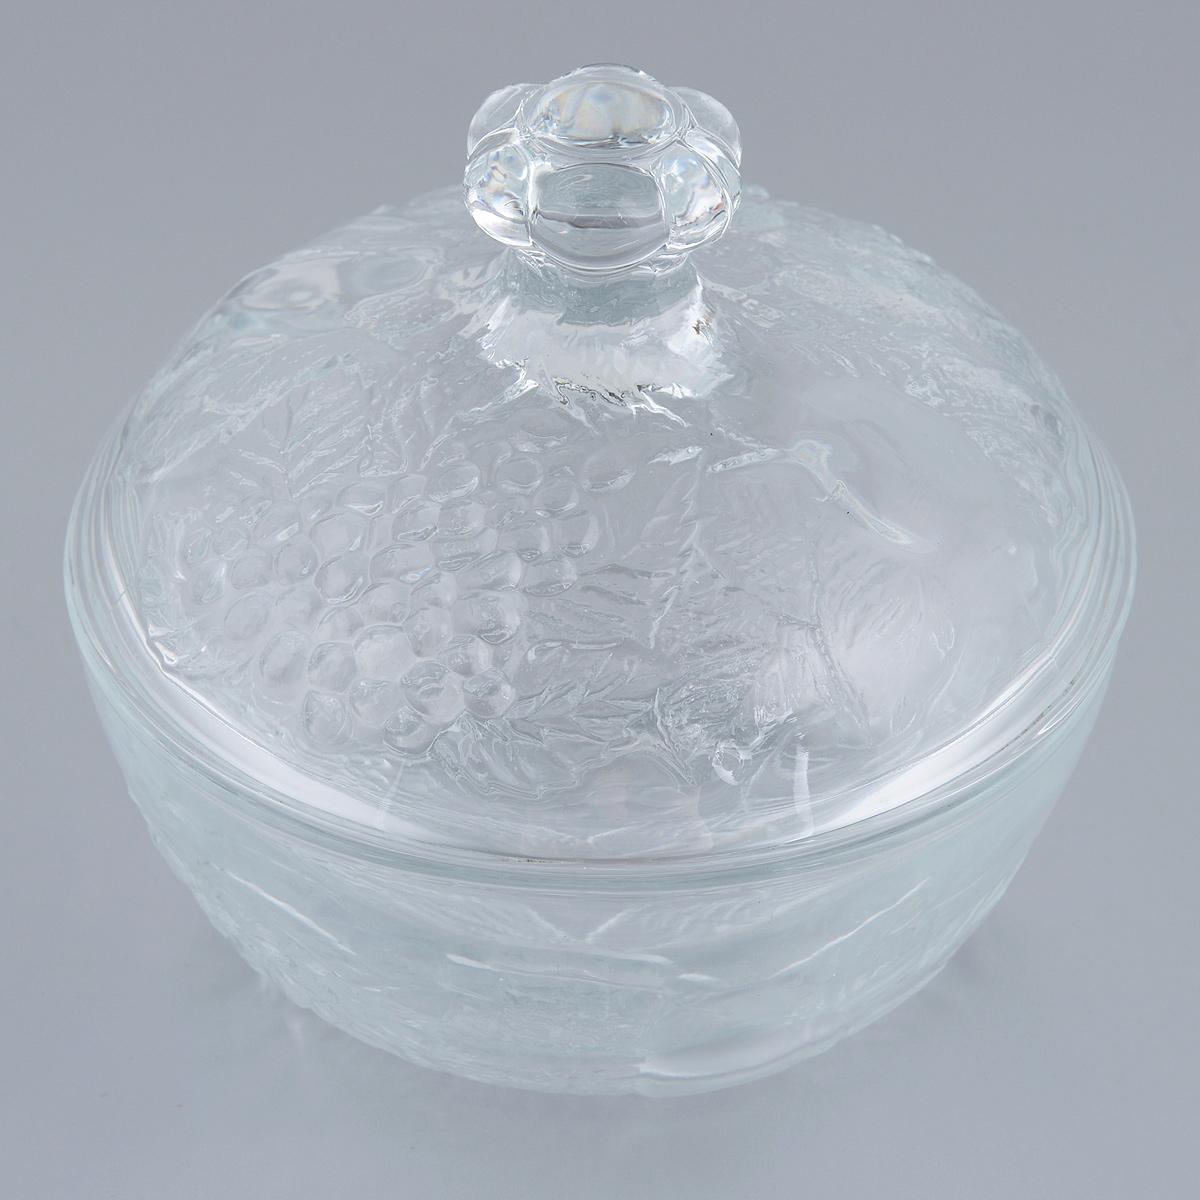 """Элегантная сахарница Pasabahce """"Piknik"""" изготовлена из прочного кальций-натрий-силикатного  стекла. Сахарница оснащена крышкой. Изделие имеет рельефную форму.  Сахарница придется по вкусу и ценителям классики, и тем, кто предпочитает утонченность и  изящность.  Можно использовать в морозильной камере и микроволновой печи. Можно мыть в посудомоечной  машине.  Диаметр (по верхнему краю): 13 см.  Высота (без учета крышки): 5,5 см.  Объем: 300 мл."""